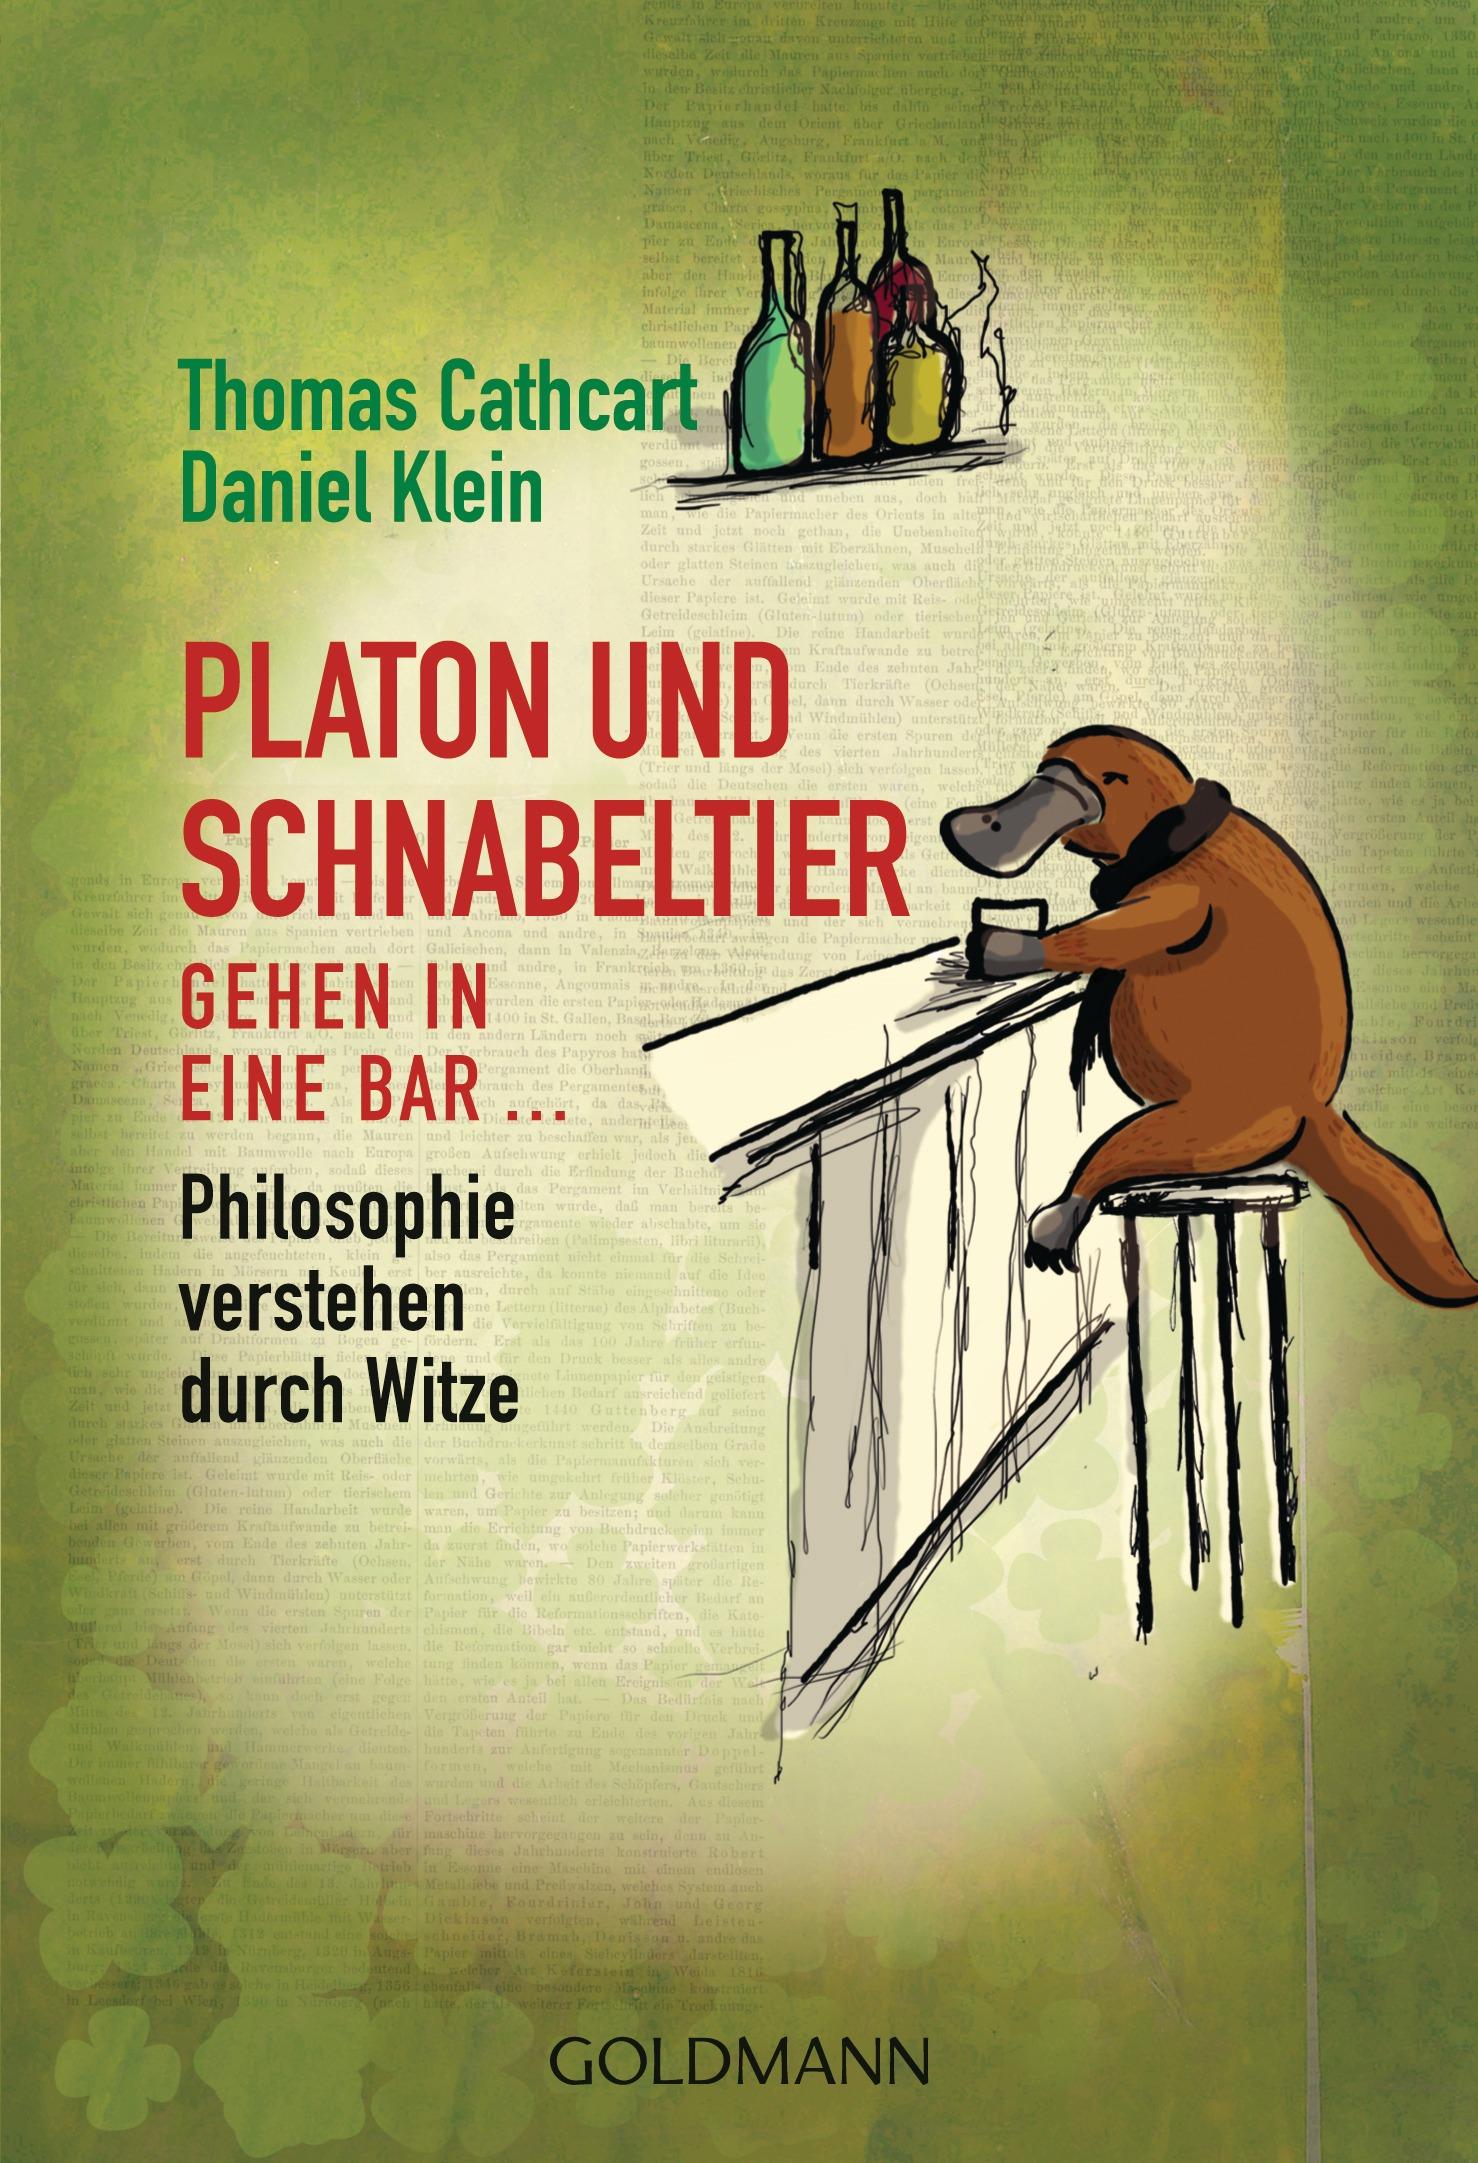 Platon und Schnabeltier gehen in eine Bar...: Philosophie verstehen durch Witze - Thomas Cathcart